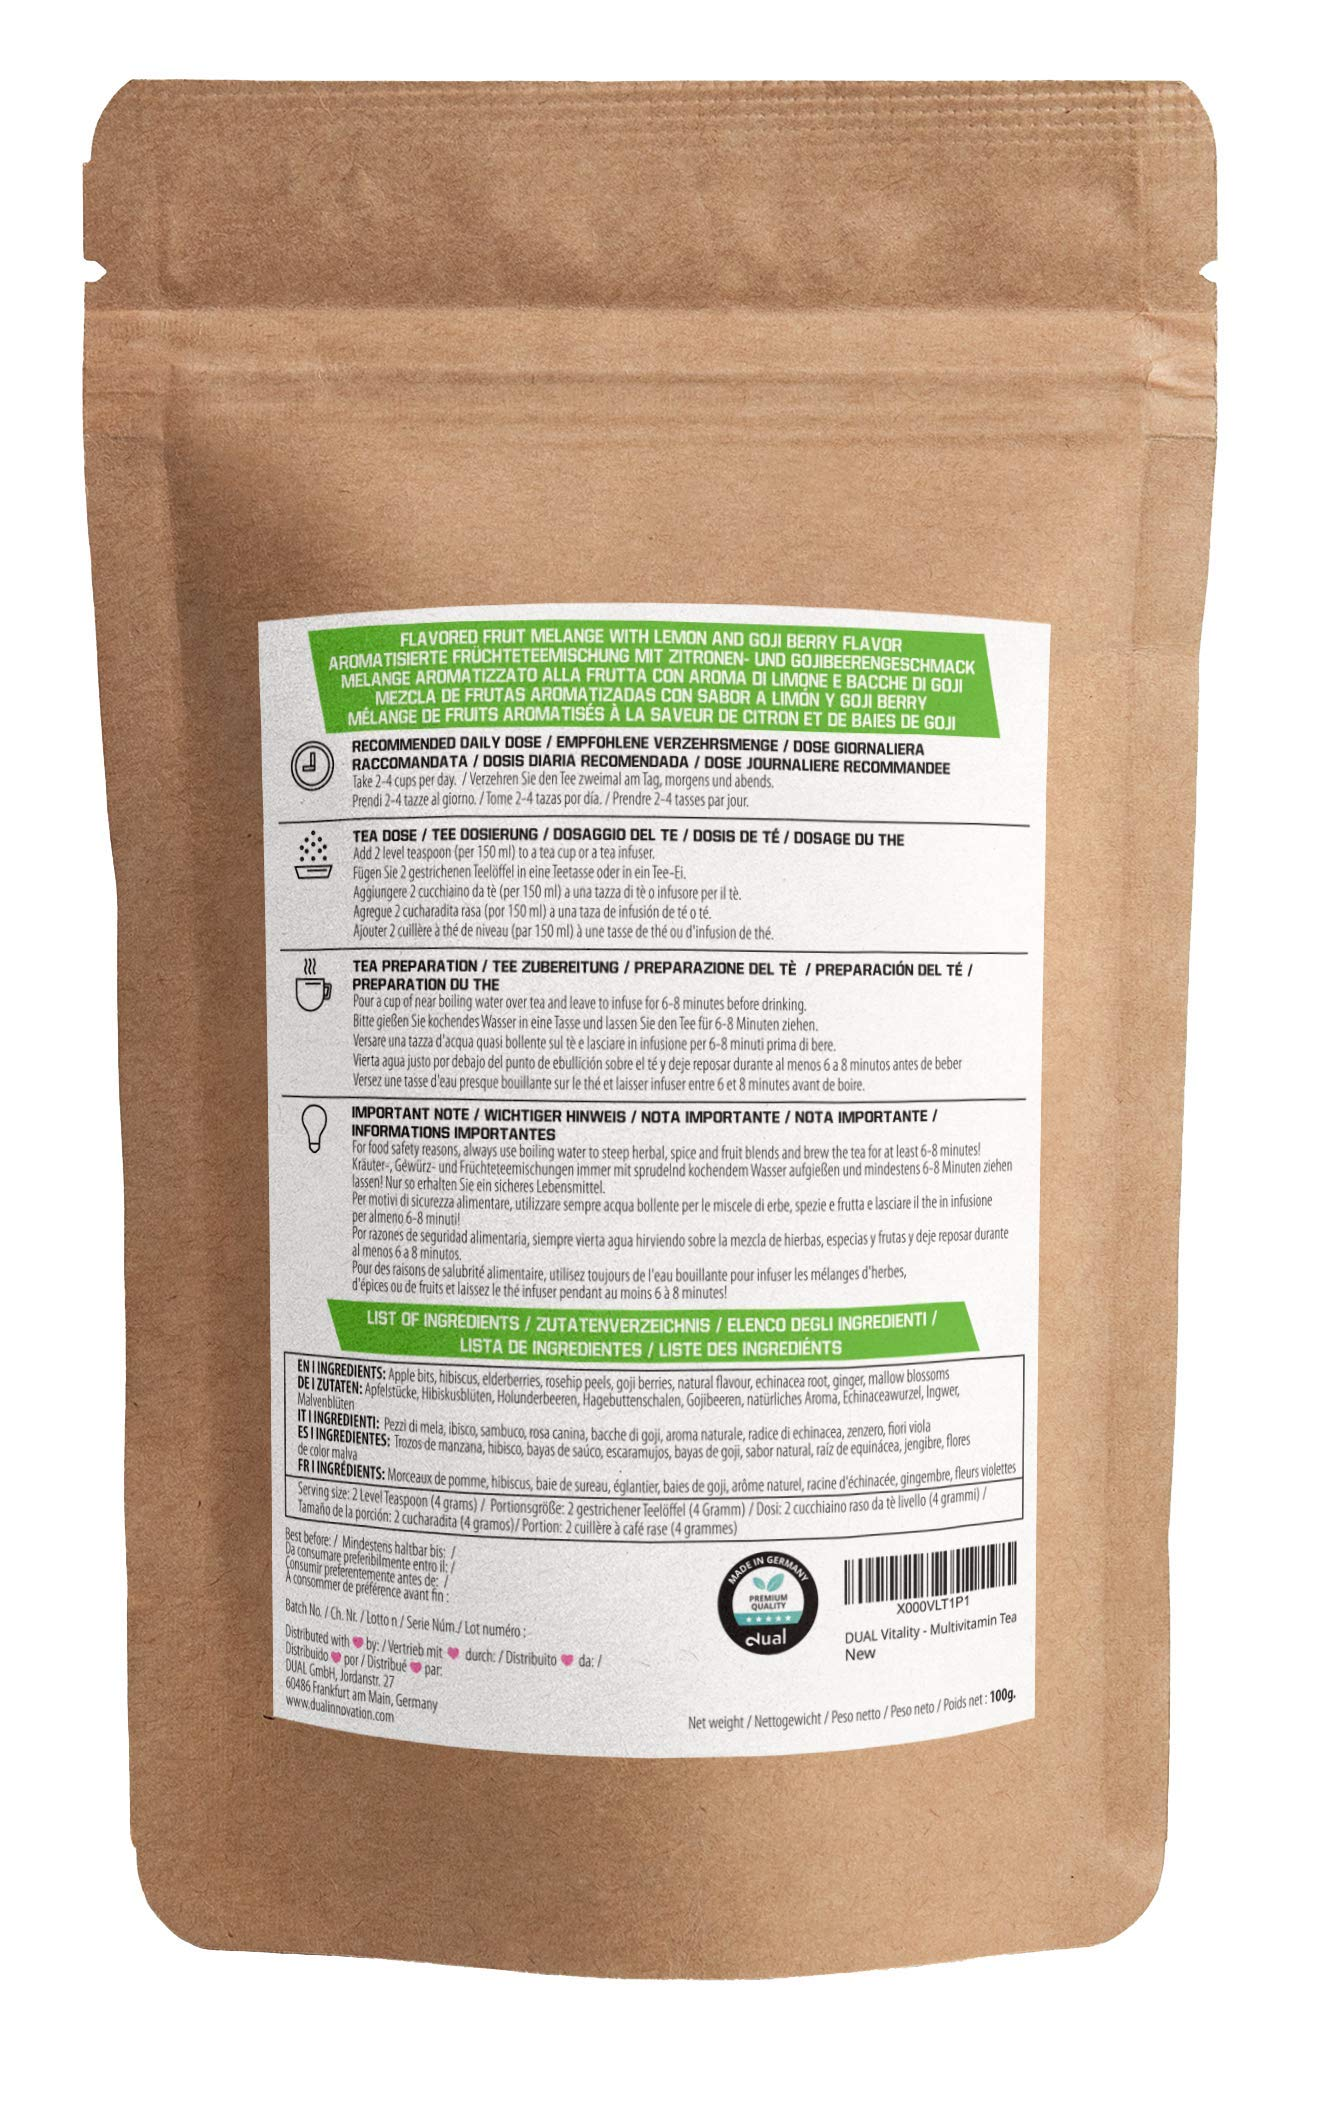 DUAL-Vitality-Multivitamin-Tee-100-Natrlich-Antioxidativ-und-Vitaminreich-Zitrone-Goji-Beerengeschmack-Zuckerfrei-Additivfrei-Erfrischend-100g-Lose-Teebltter-Labor-zertifiziert